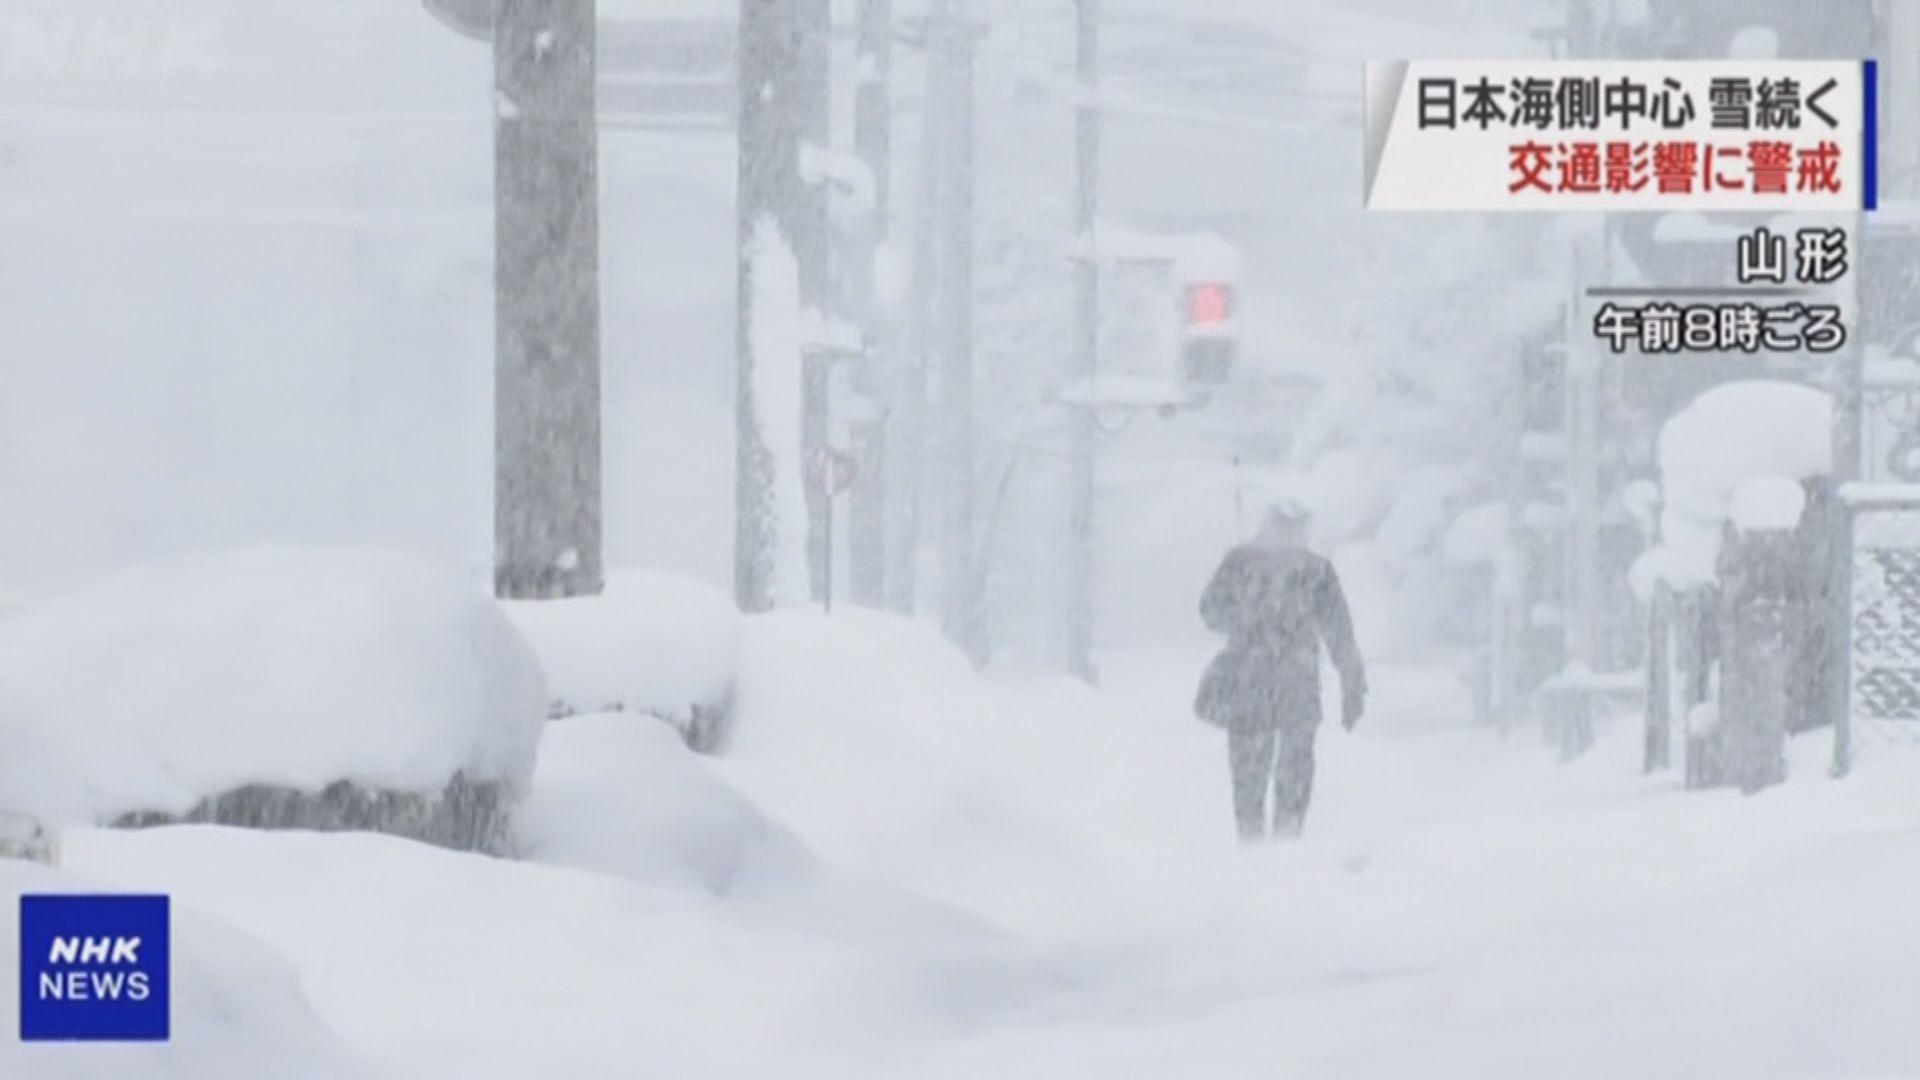 日本大雪持續 再多三人死亡